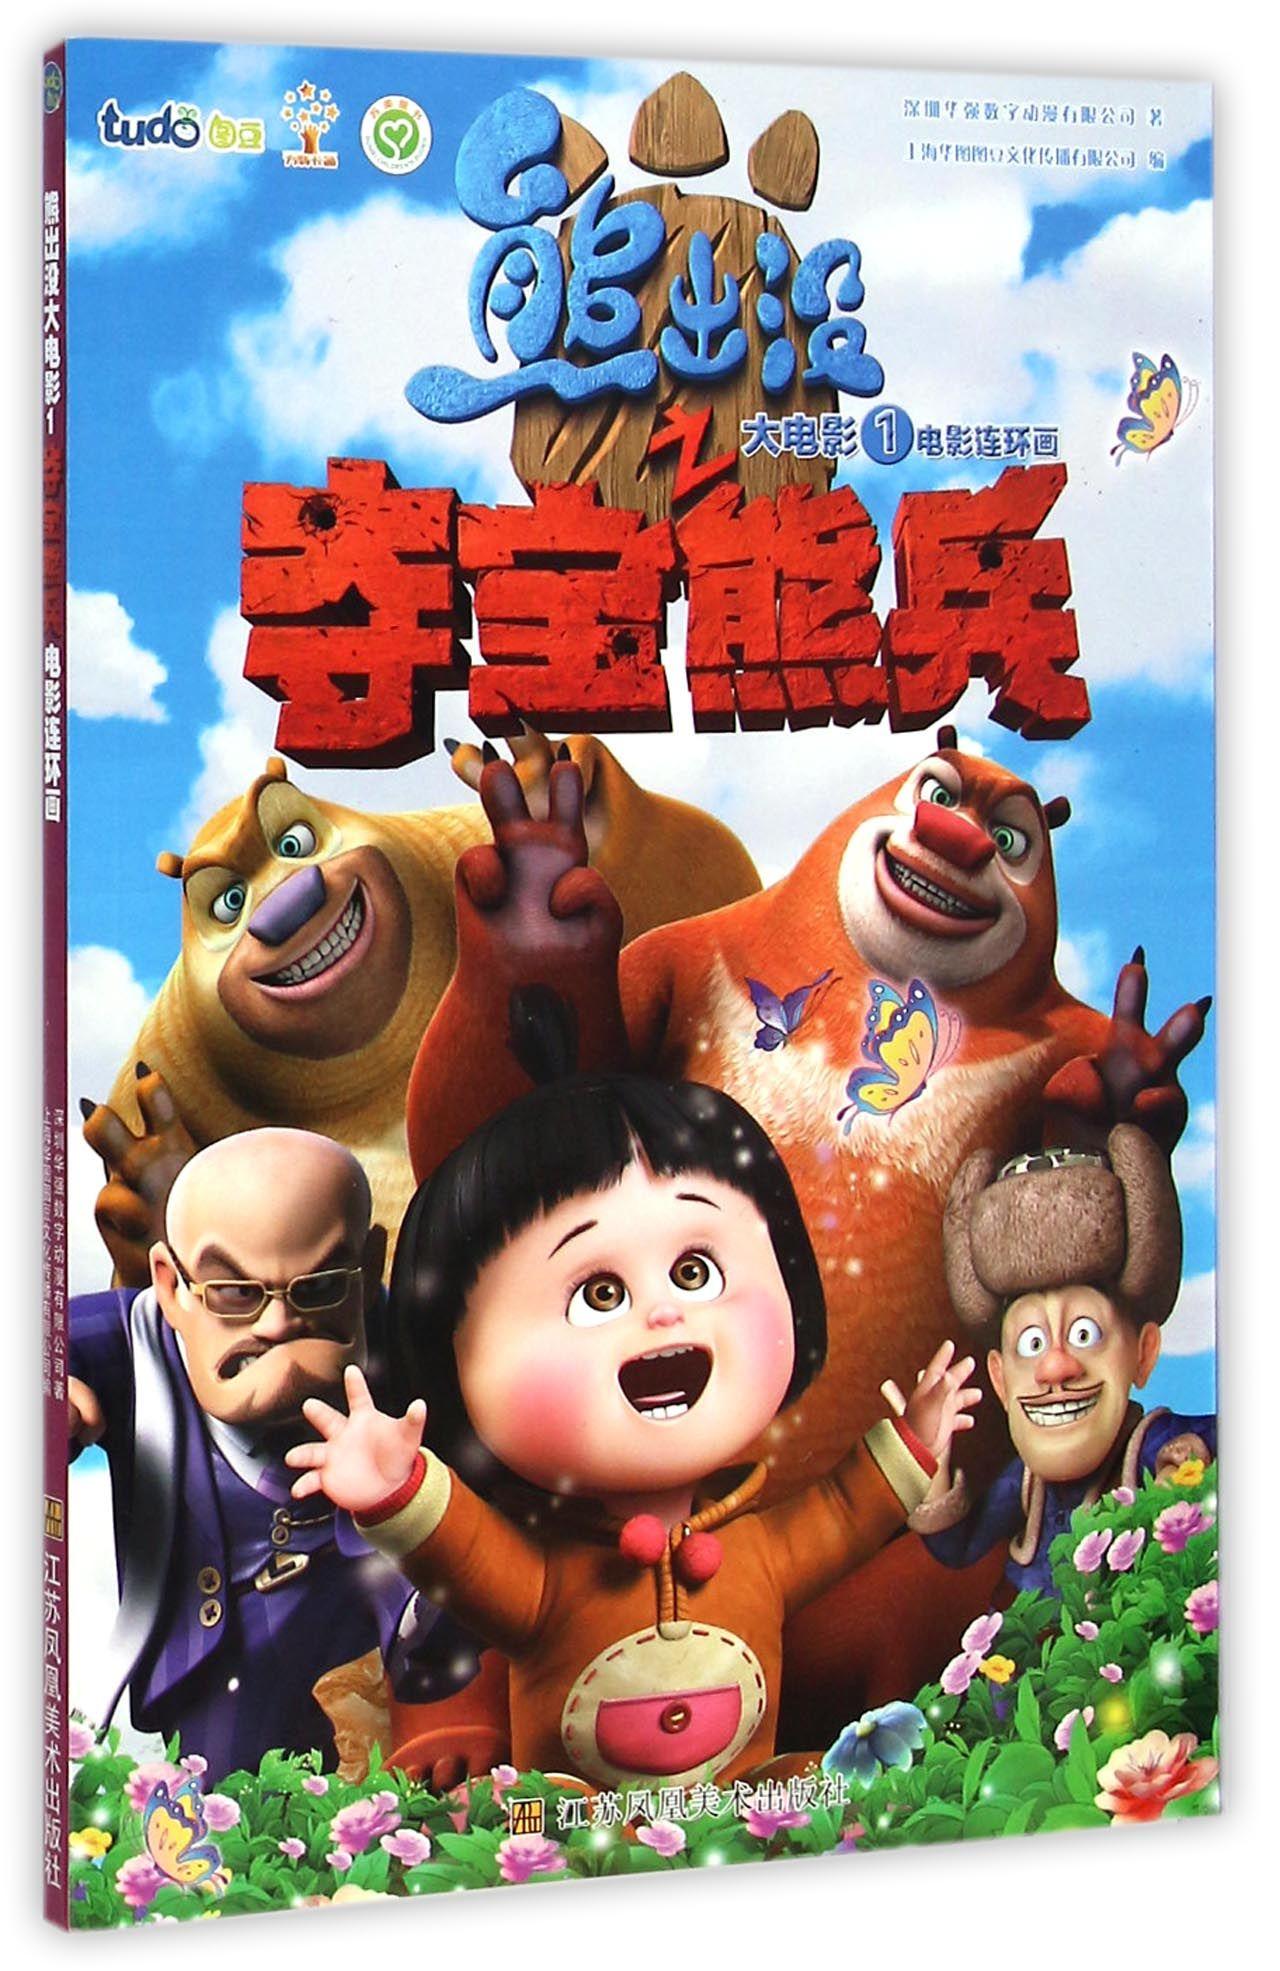 熊出没之夺宝熊兵大电影